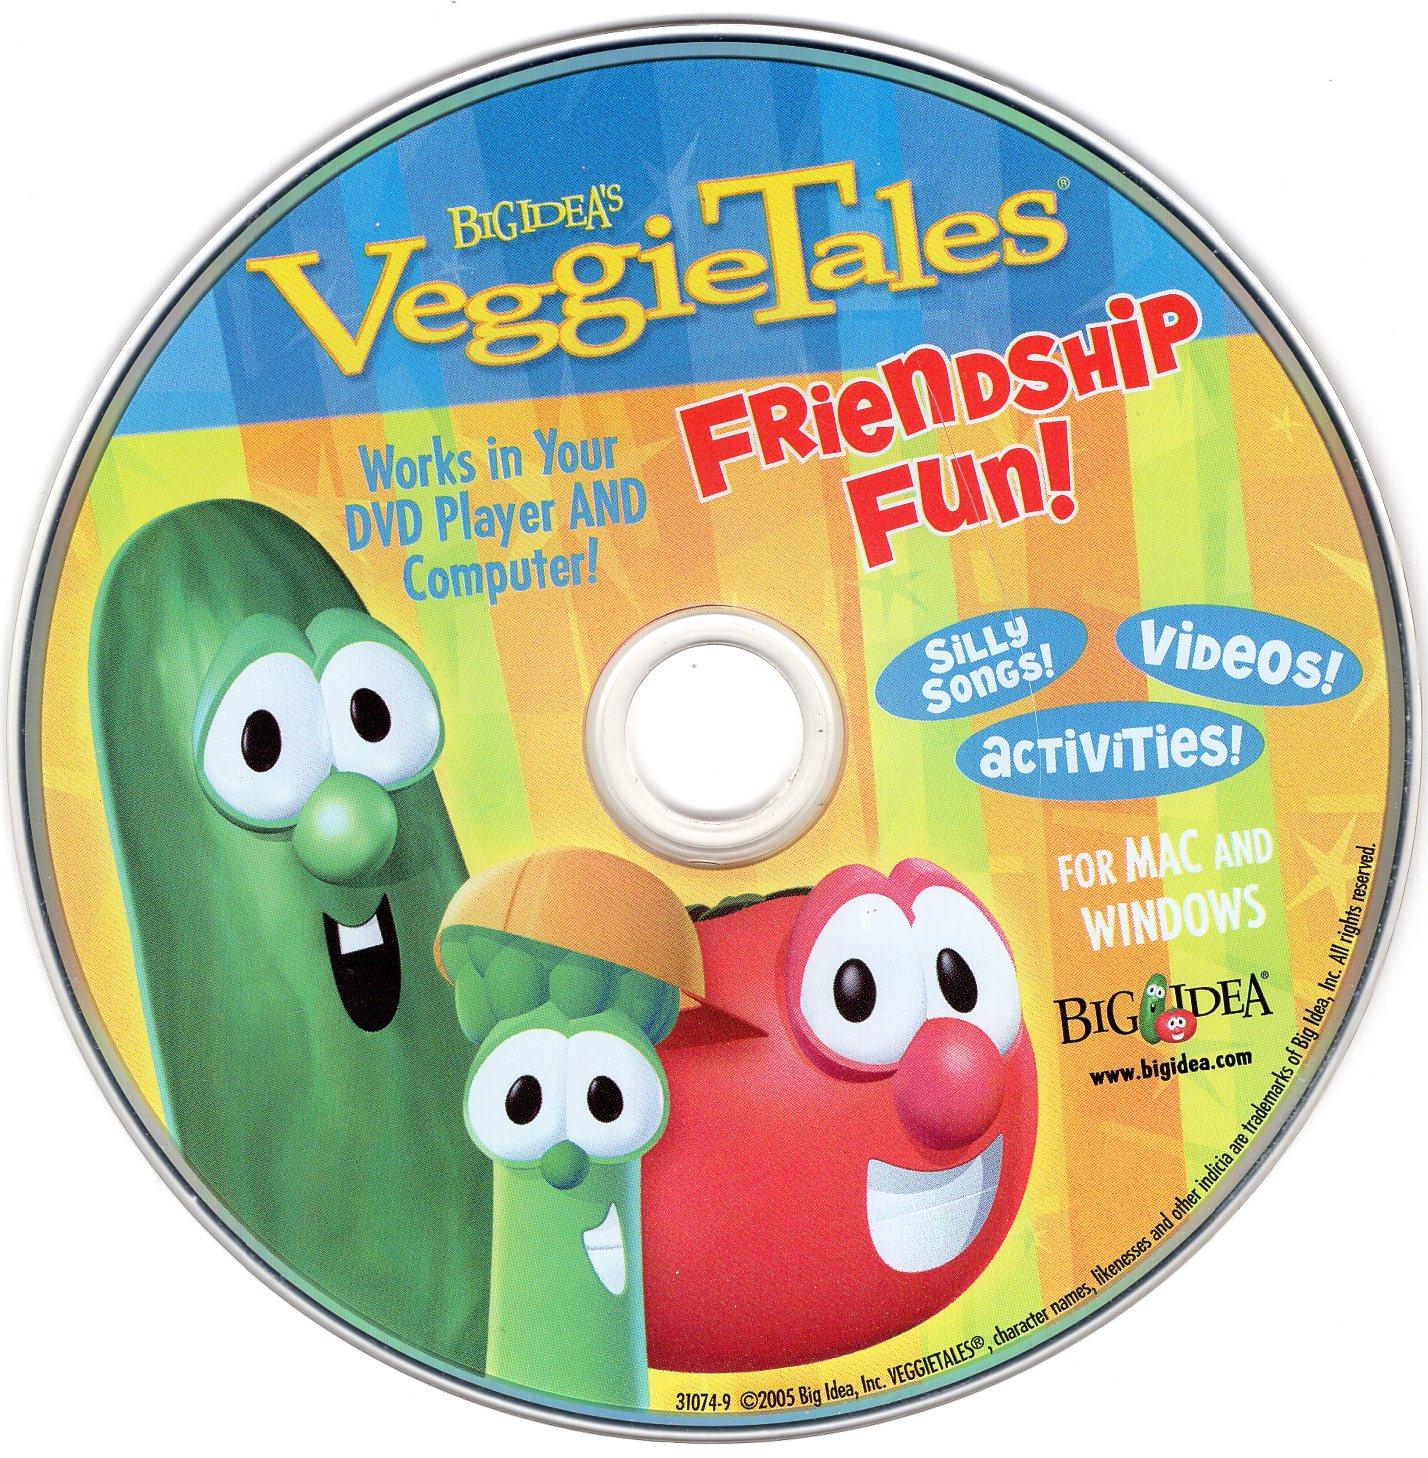 Friendship Fun